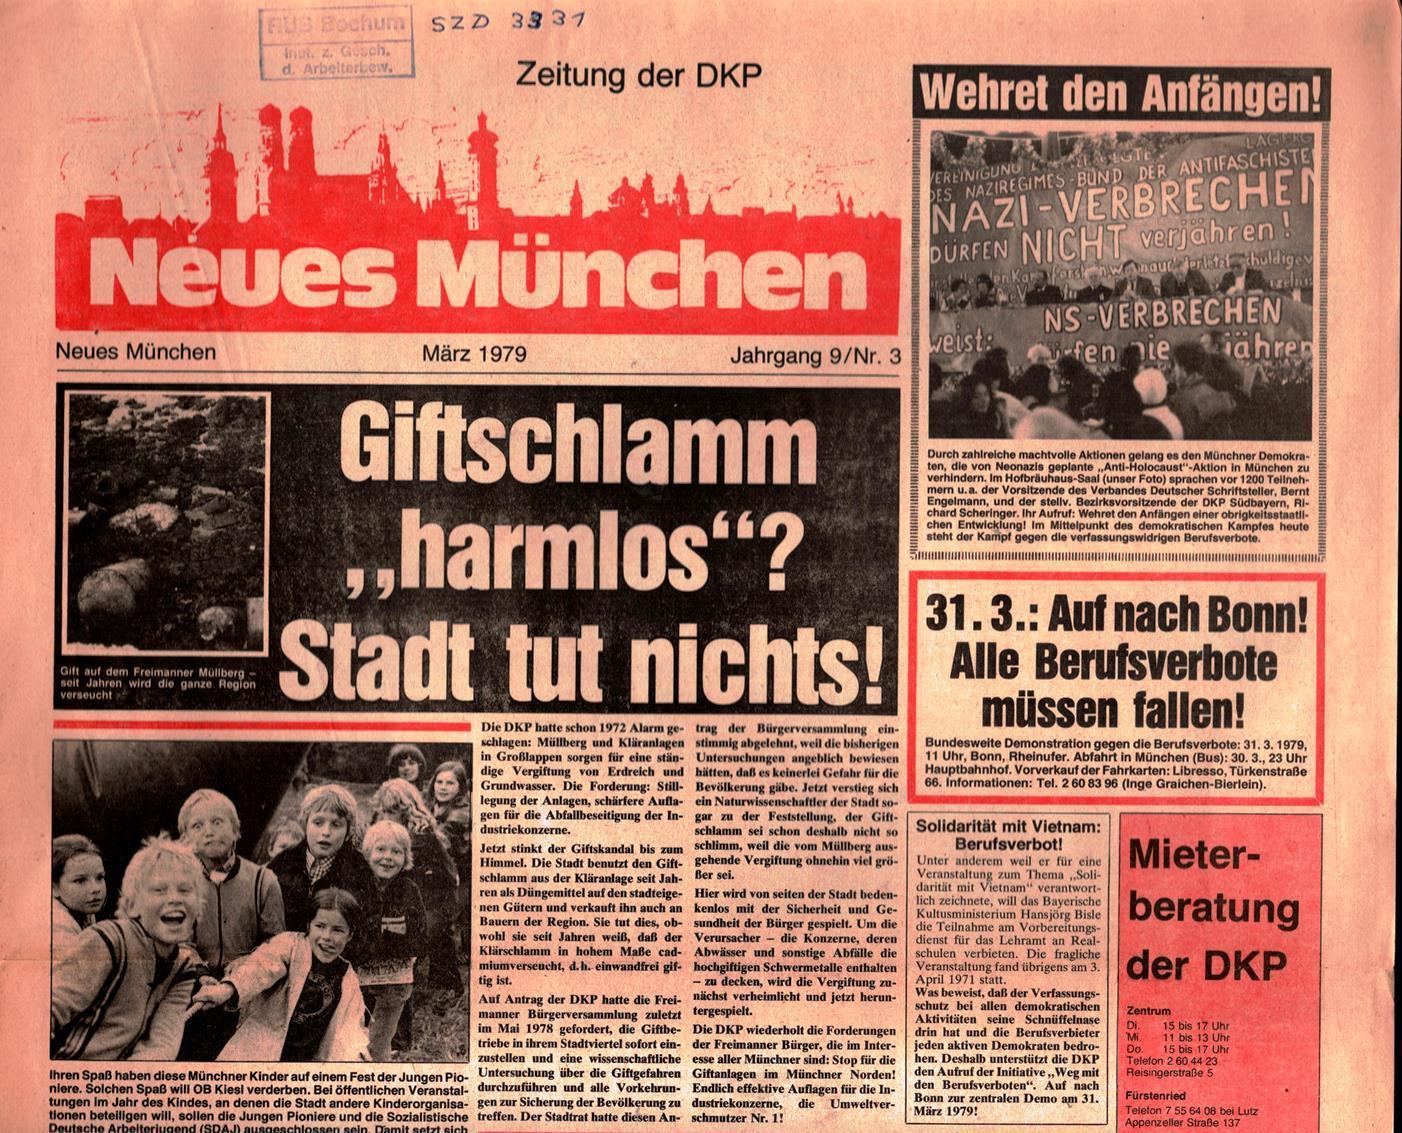 Muenchen_DKP_Neues_Muenchen_19790300_003_001